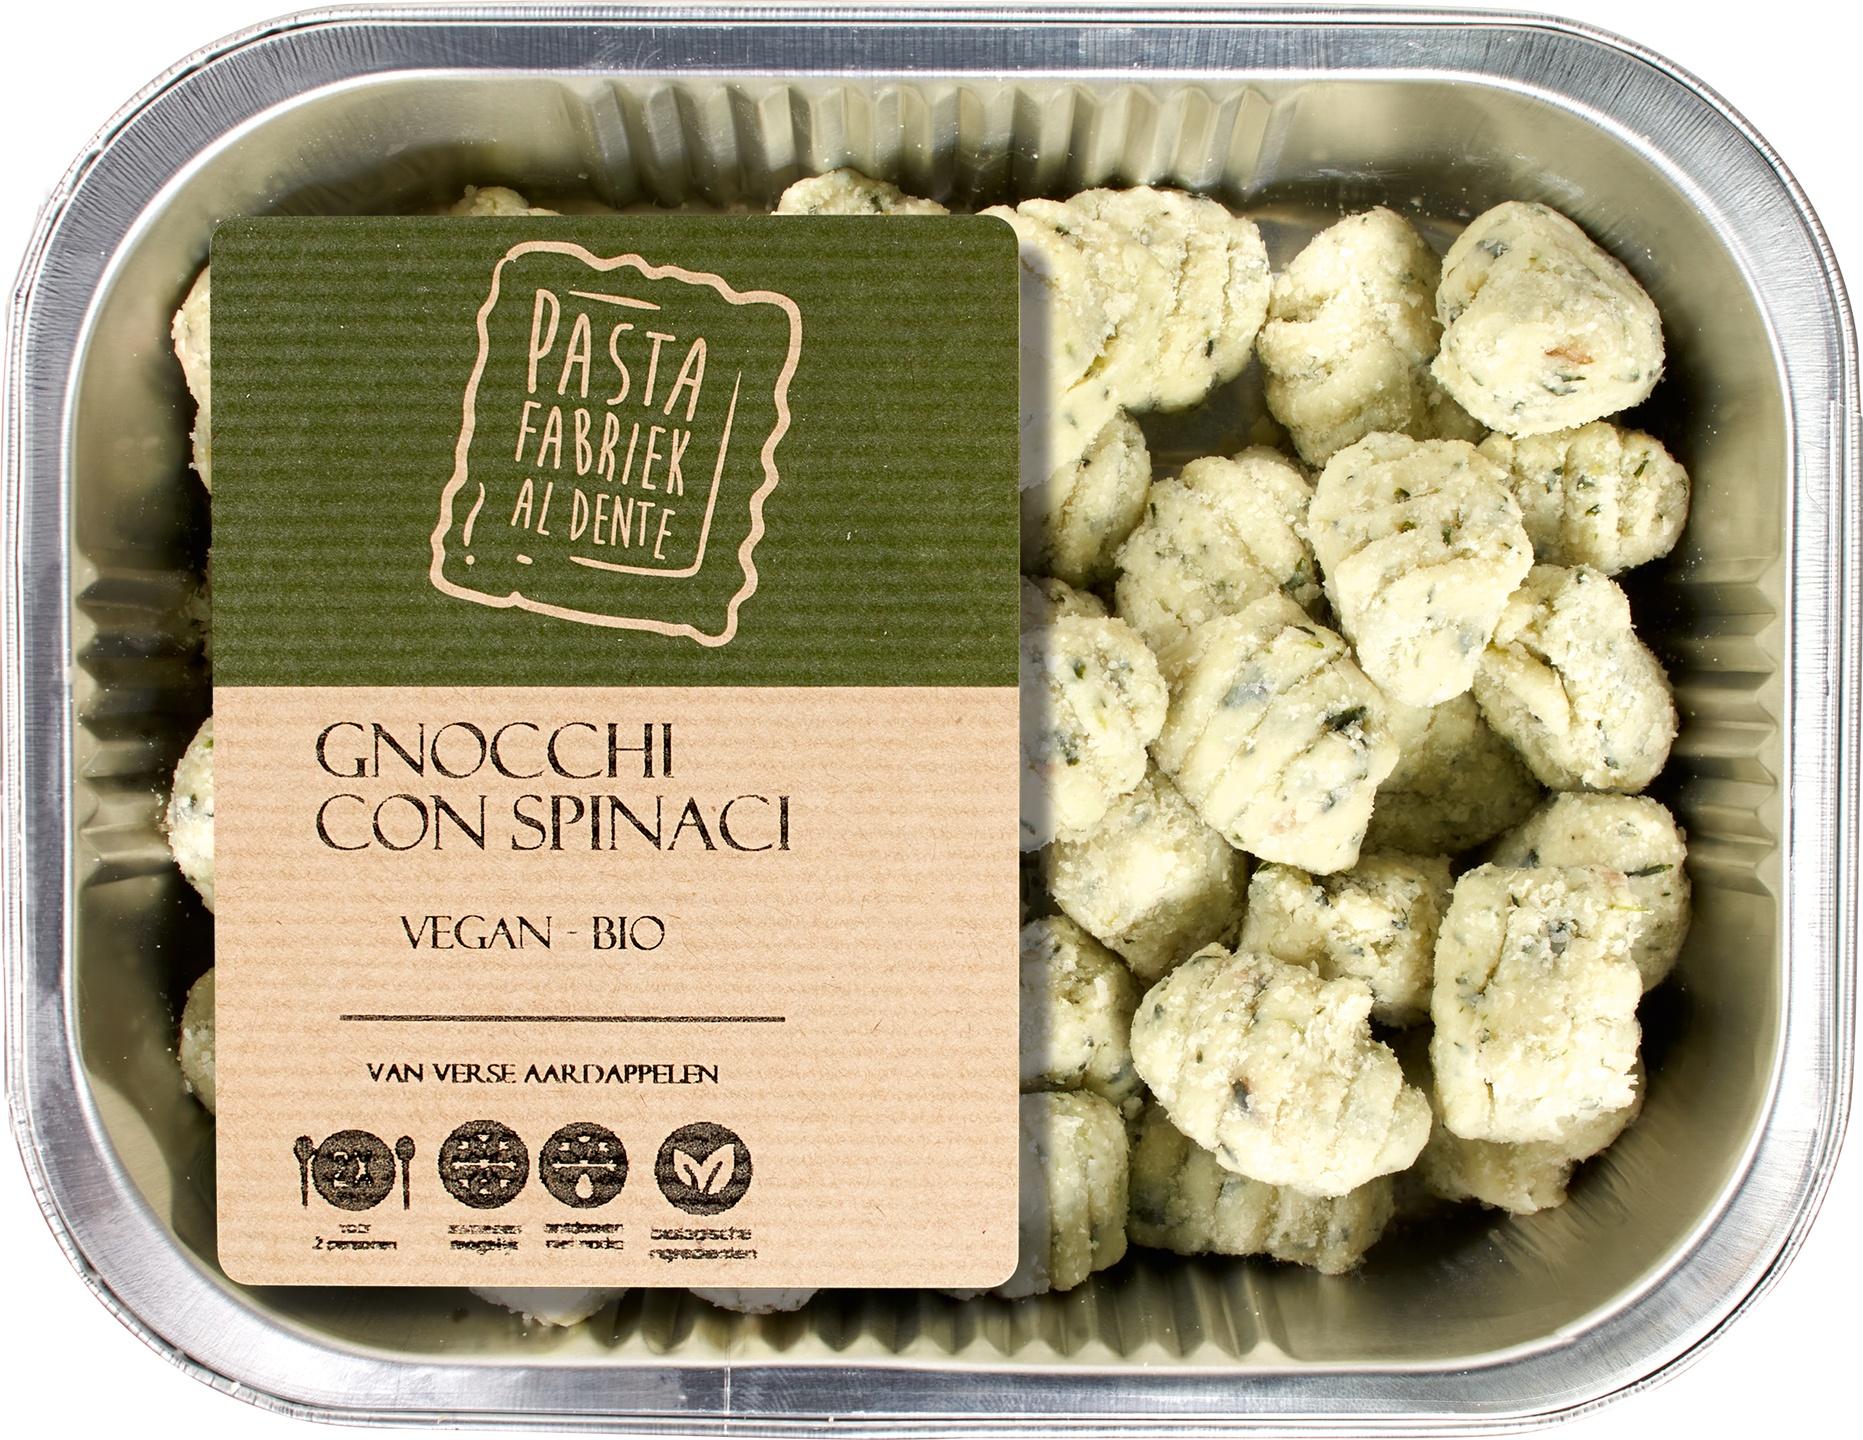 Biologische De Pastafabriek Verse gnocchi spinazie 250 gr